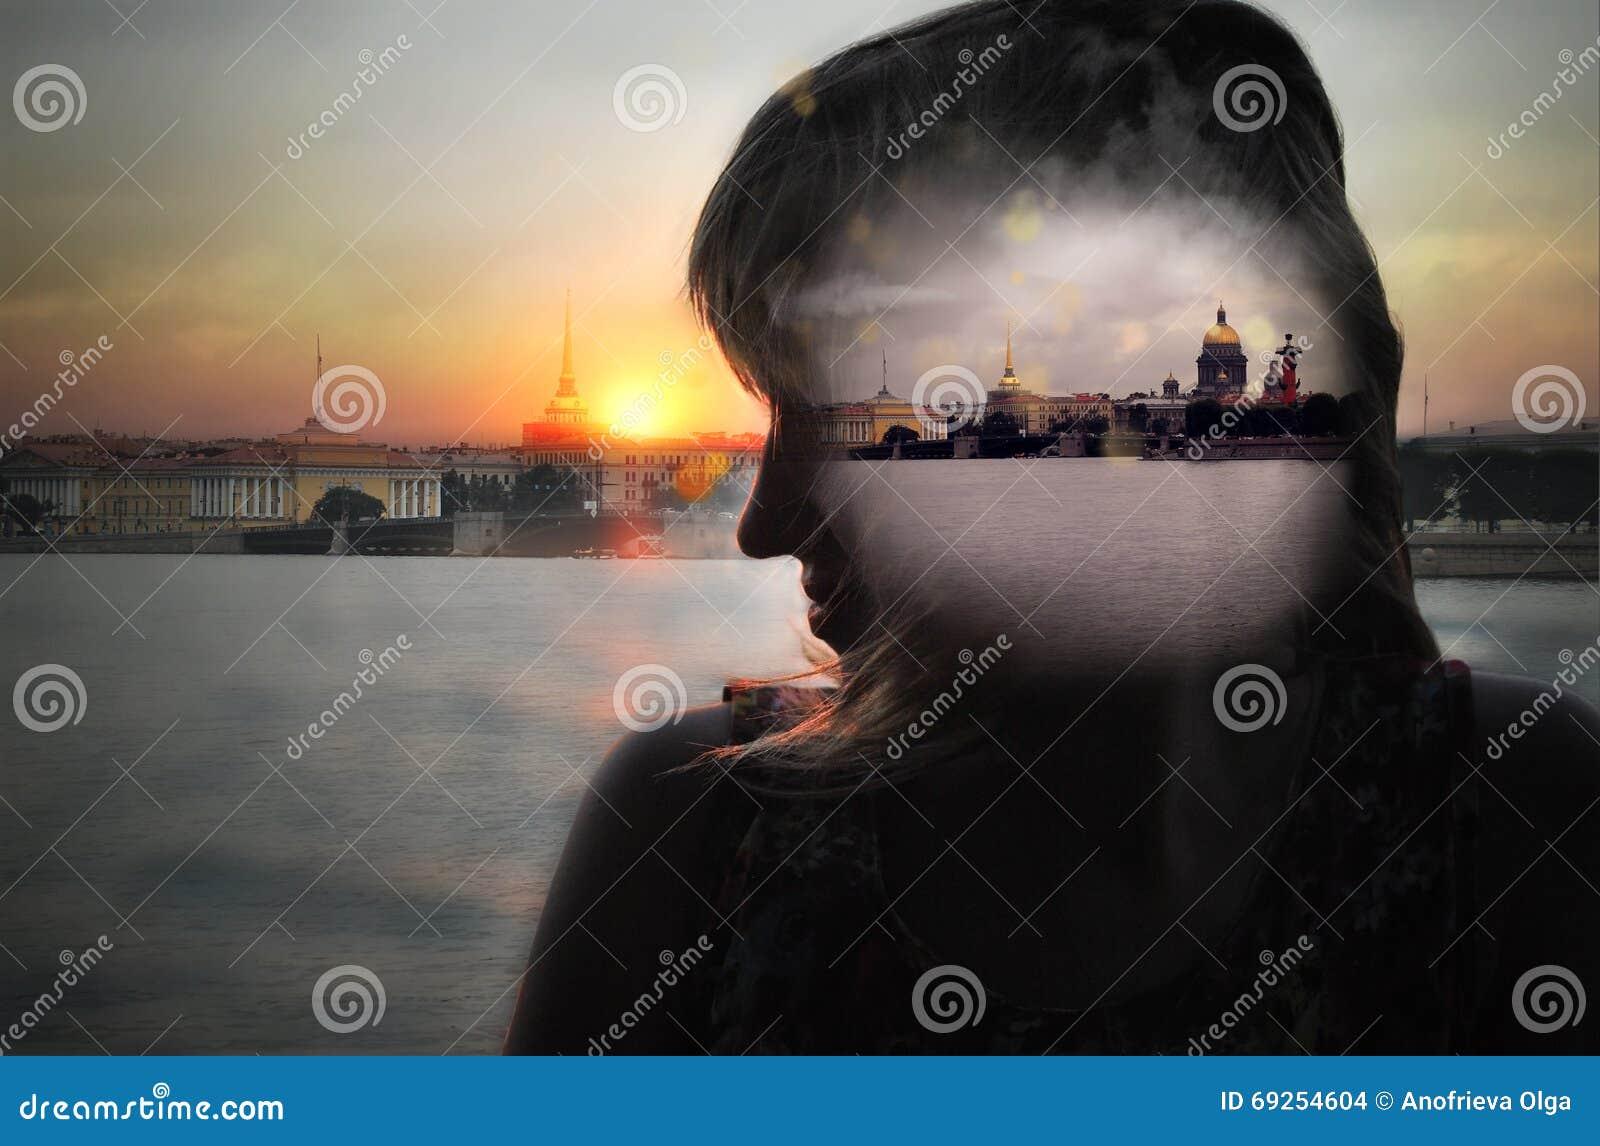 Girl dreams of St.-Petersburg